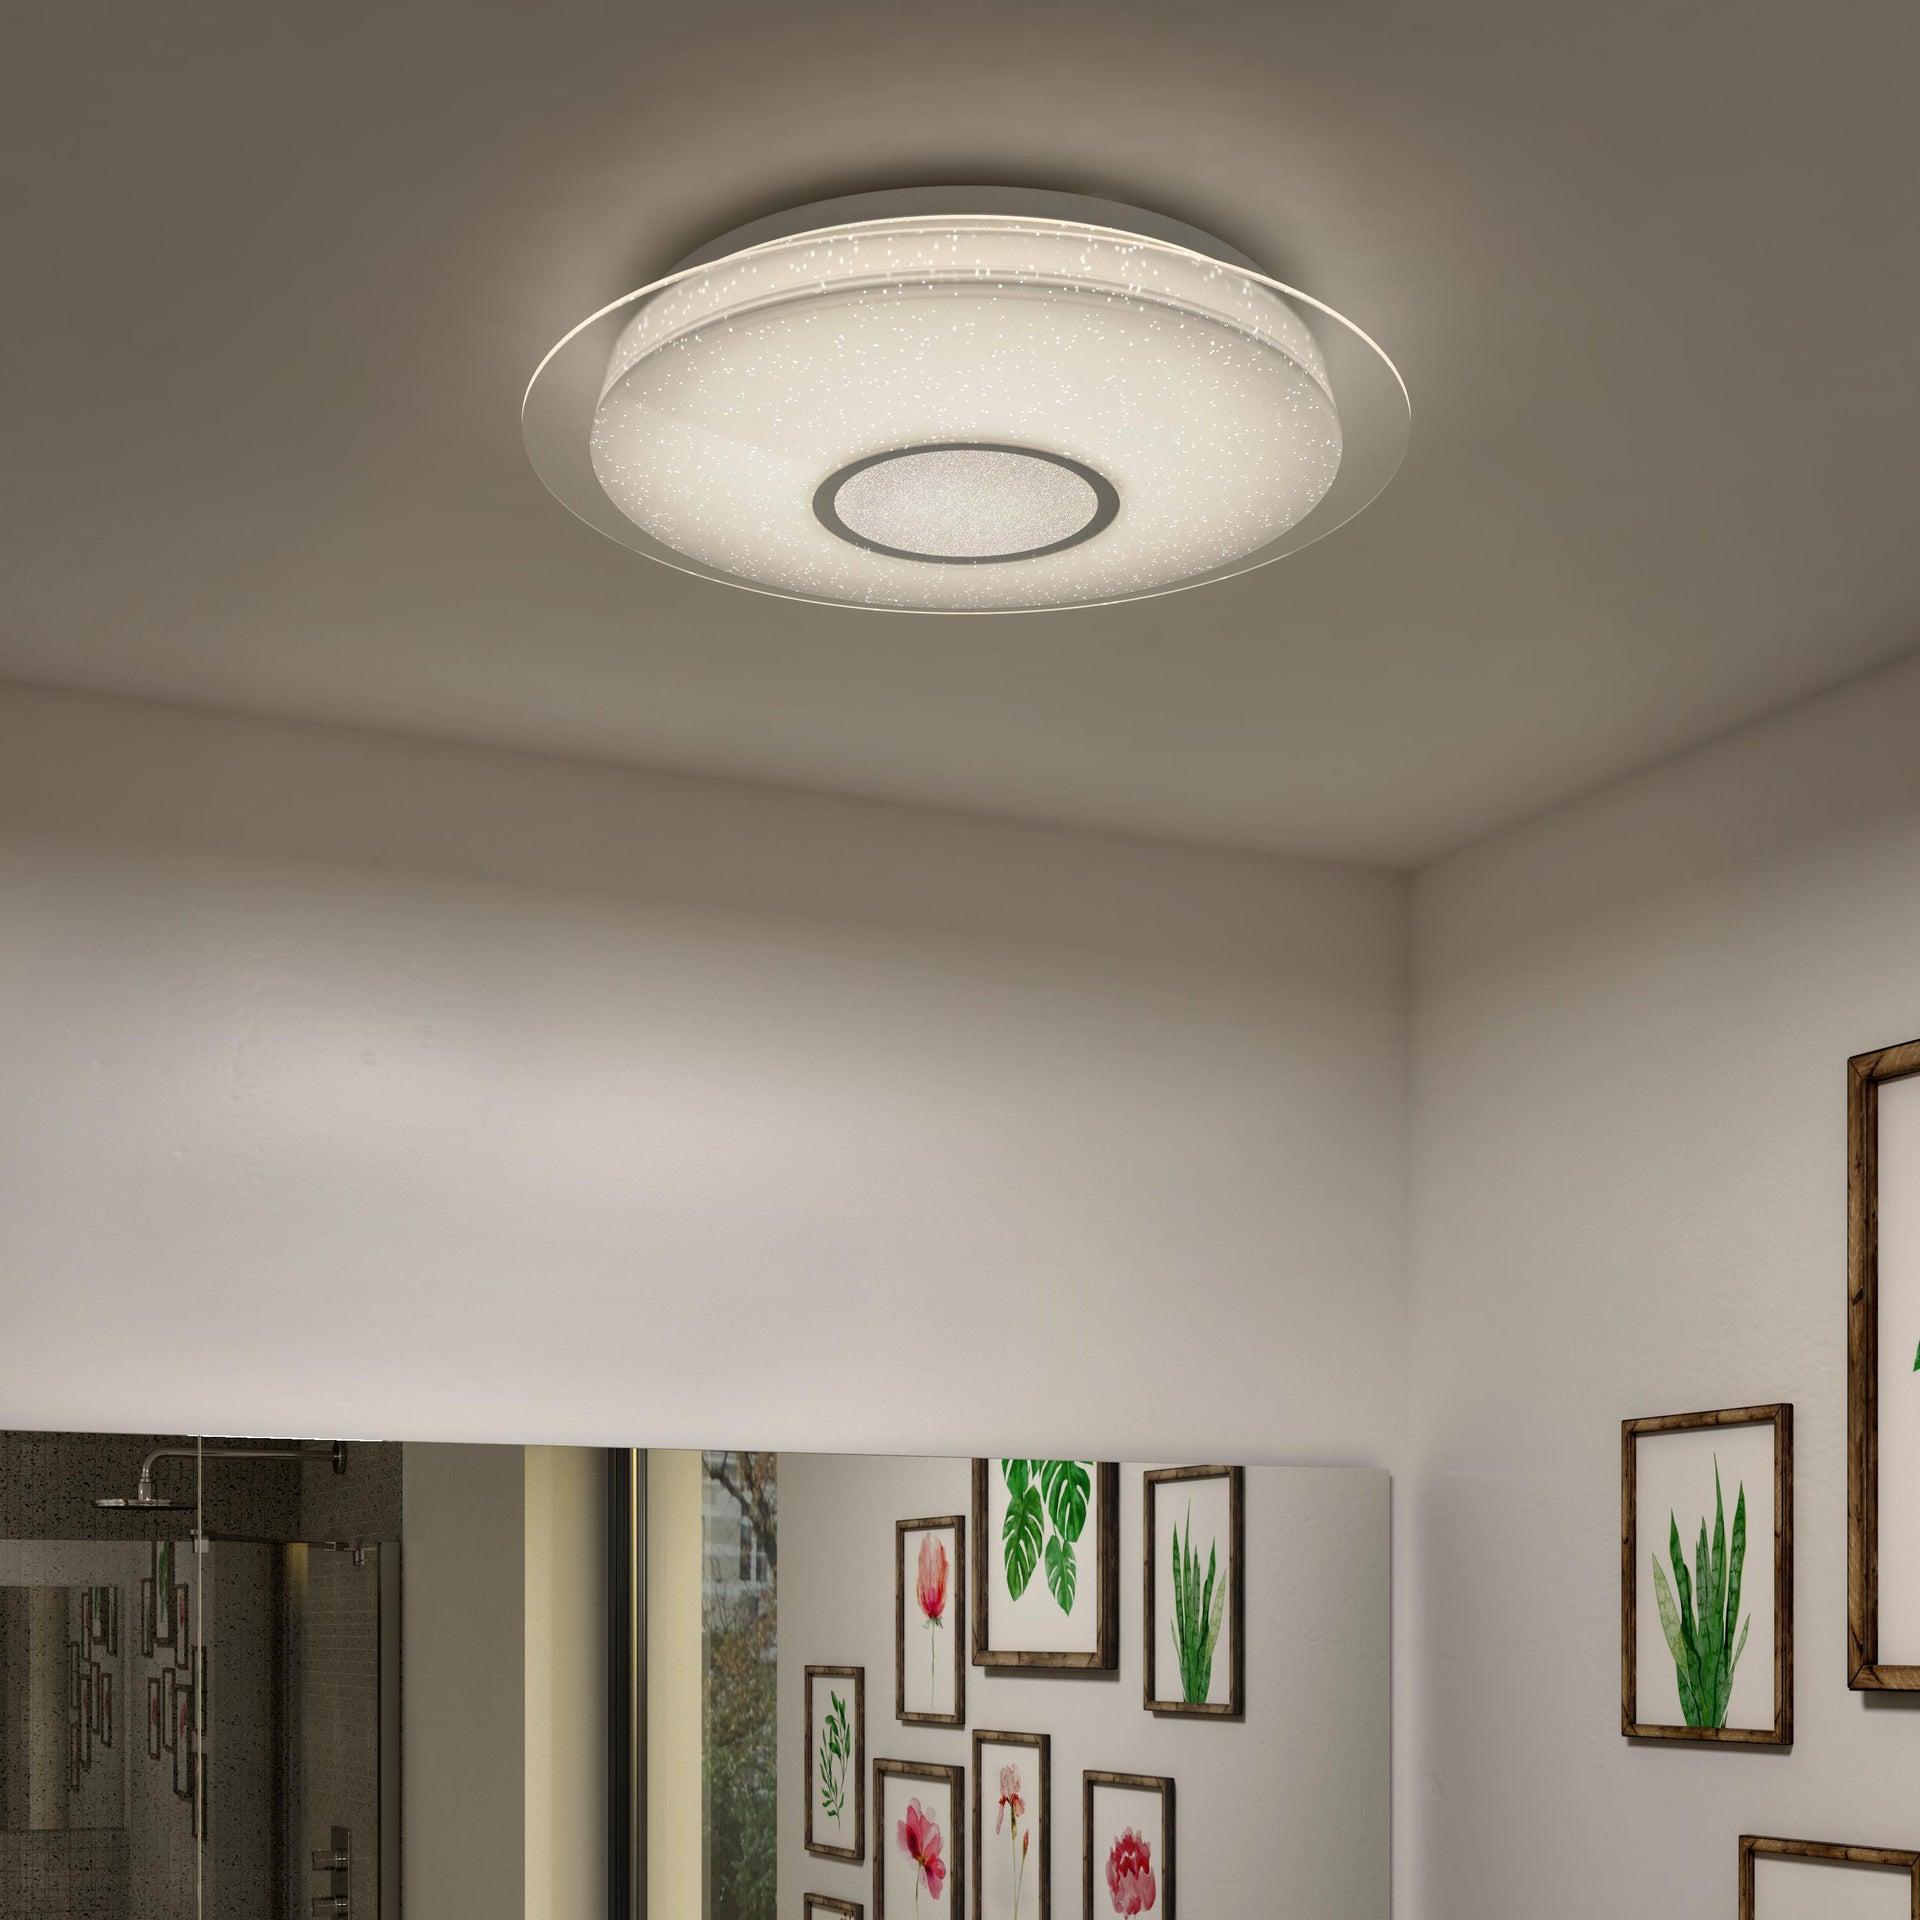 Plafoniera moderno Vizzini LED integrato bianco D. 40 cm 40x40 cm, INSPIRE - 3